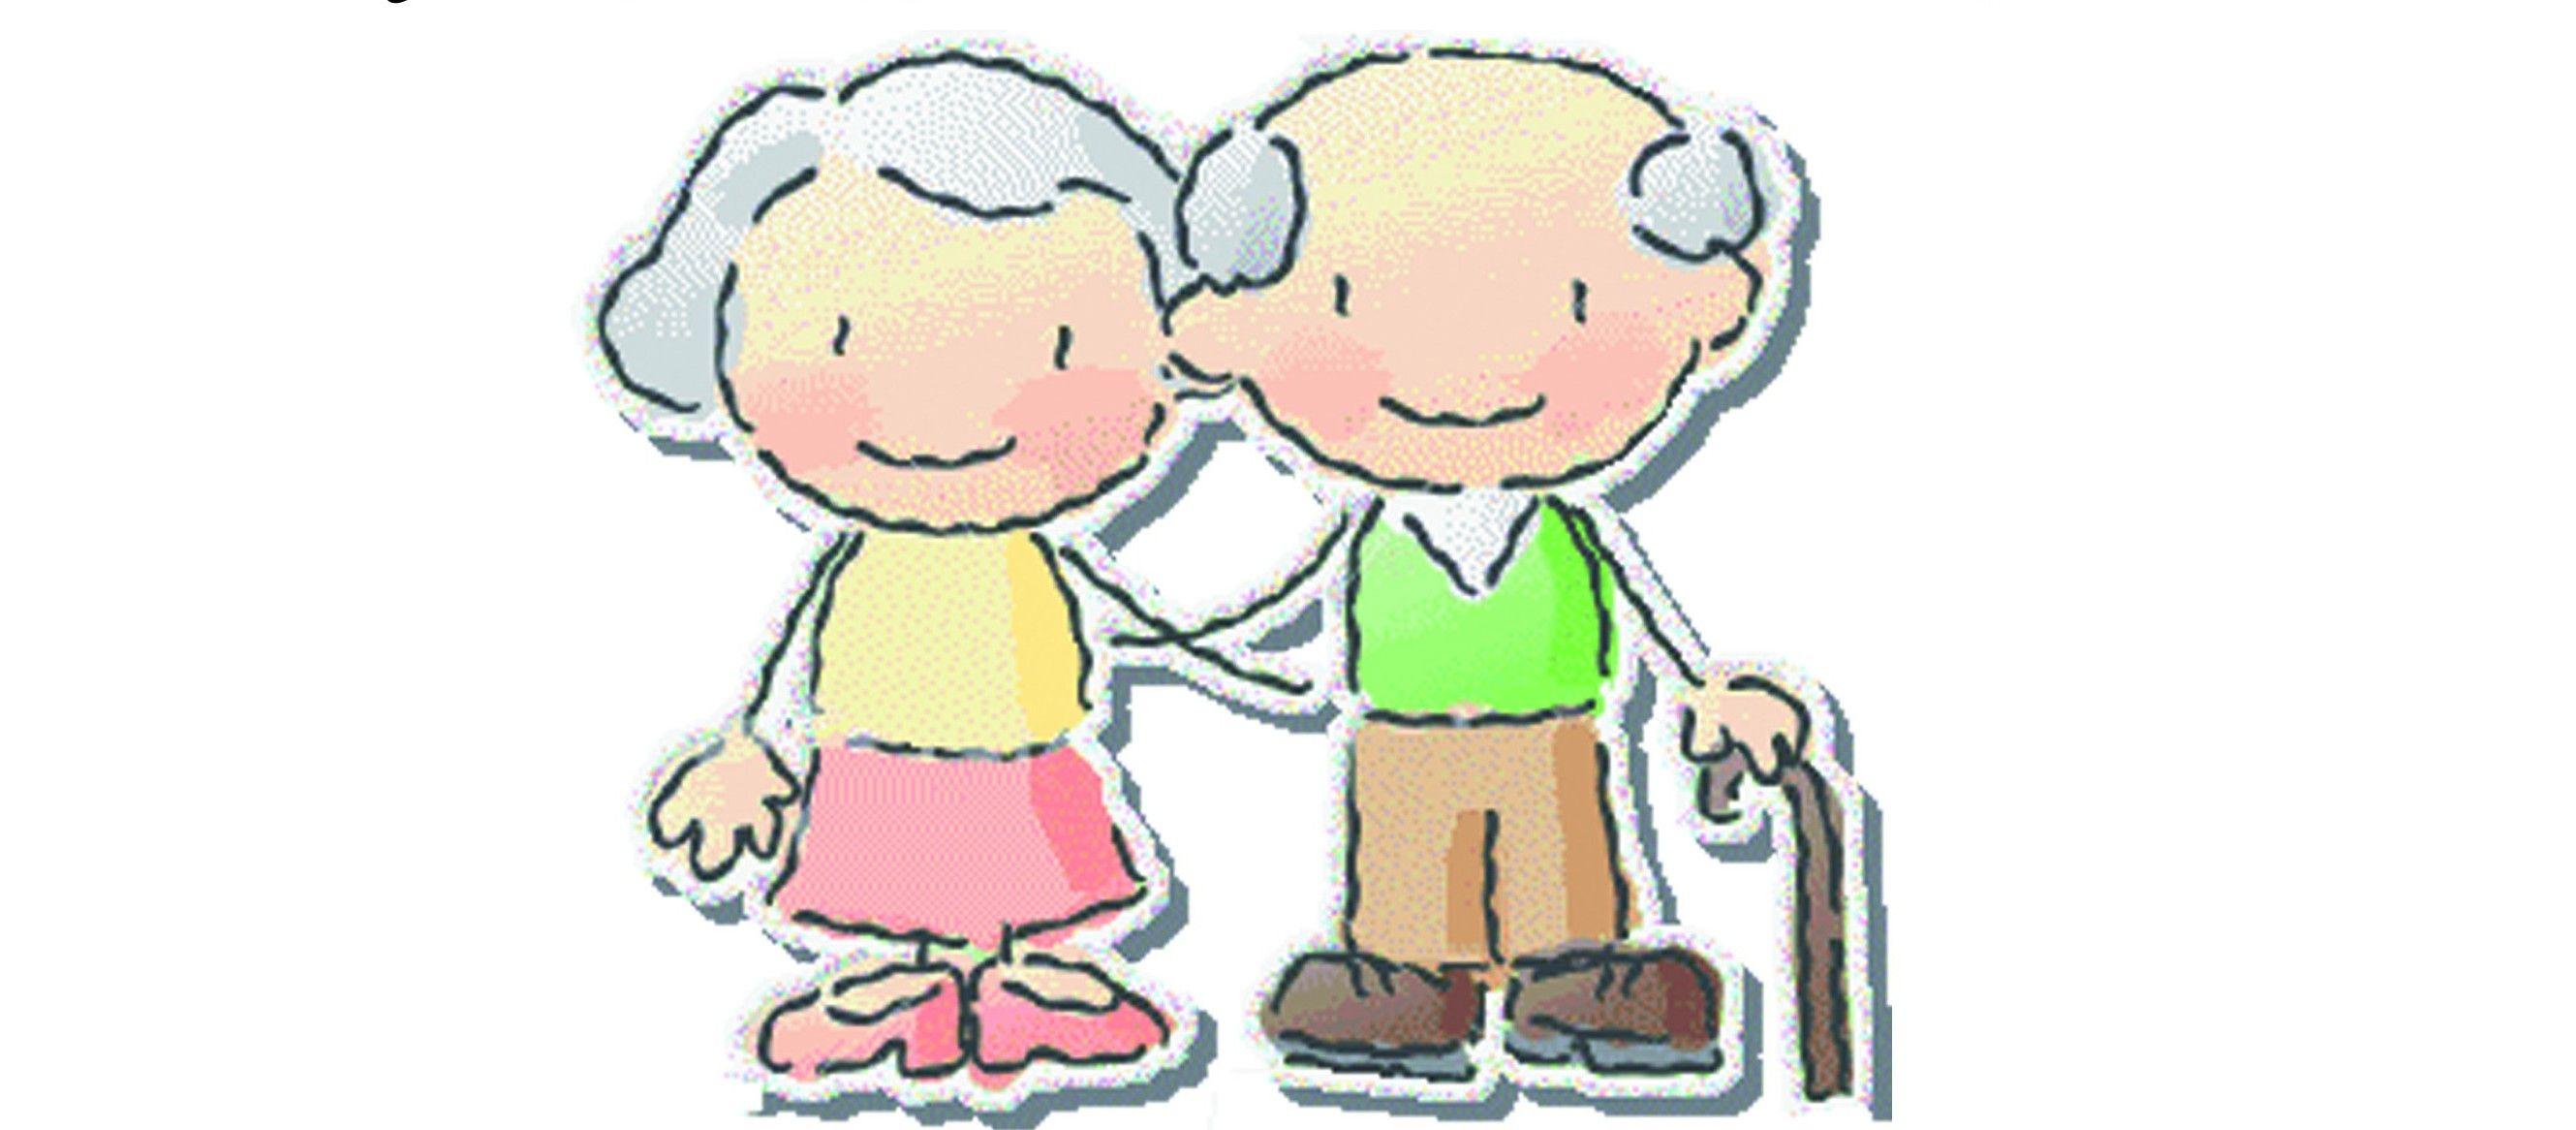 Buona Festa dei nonni!